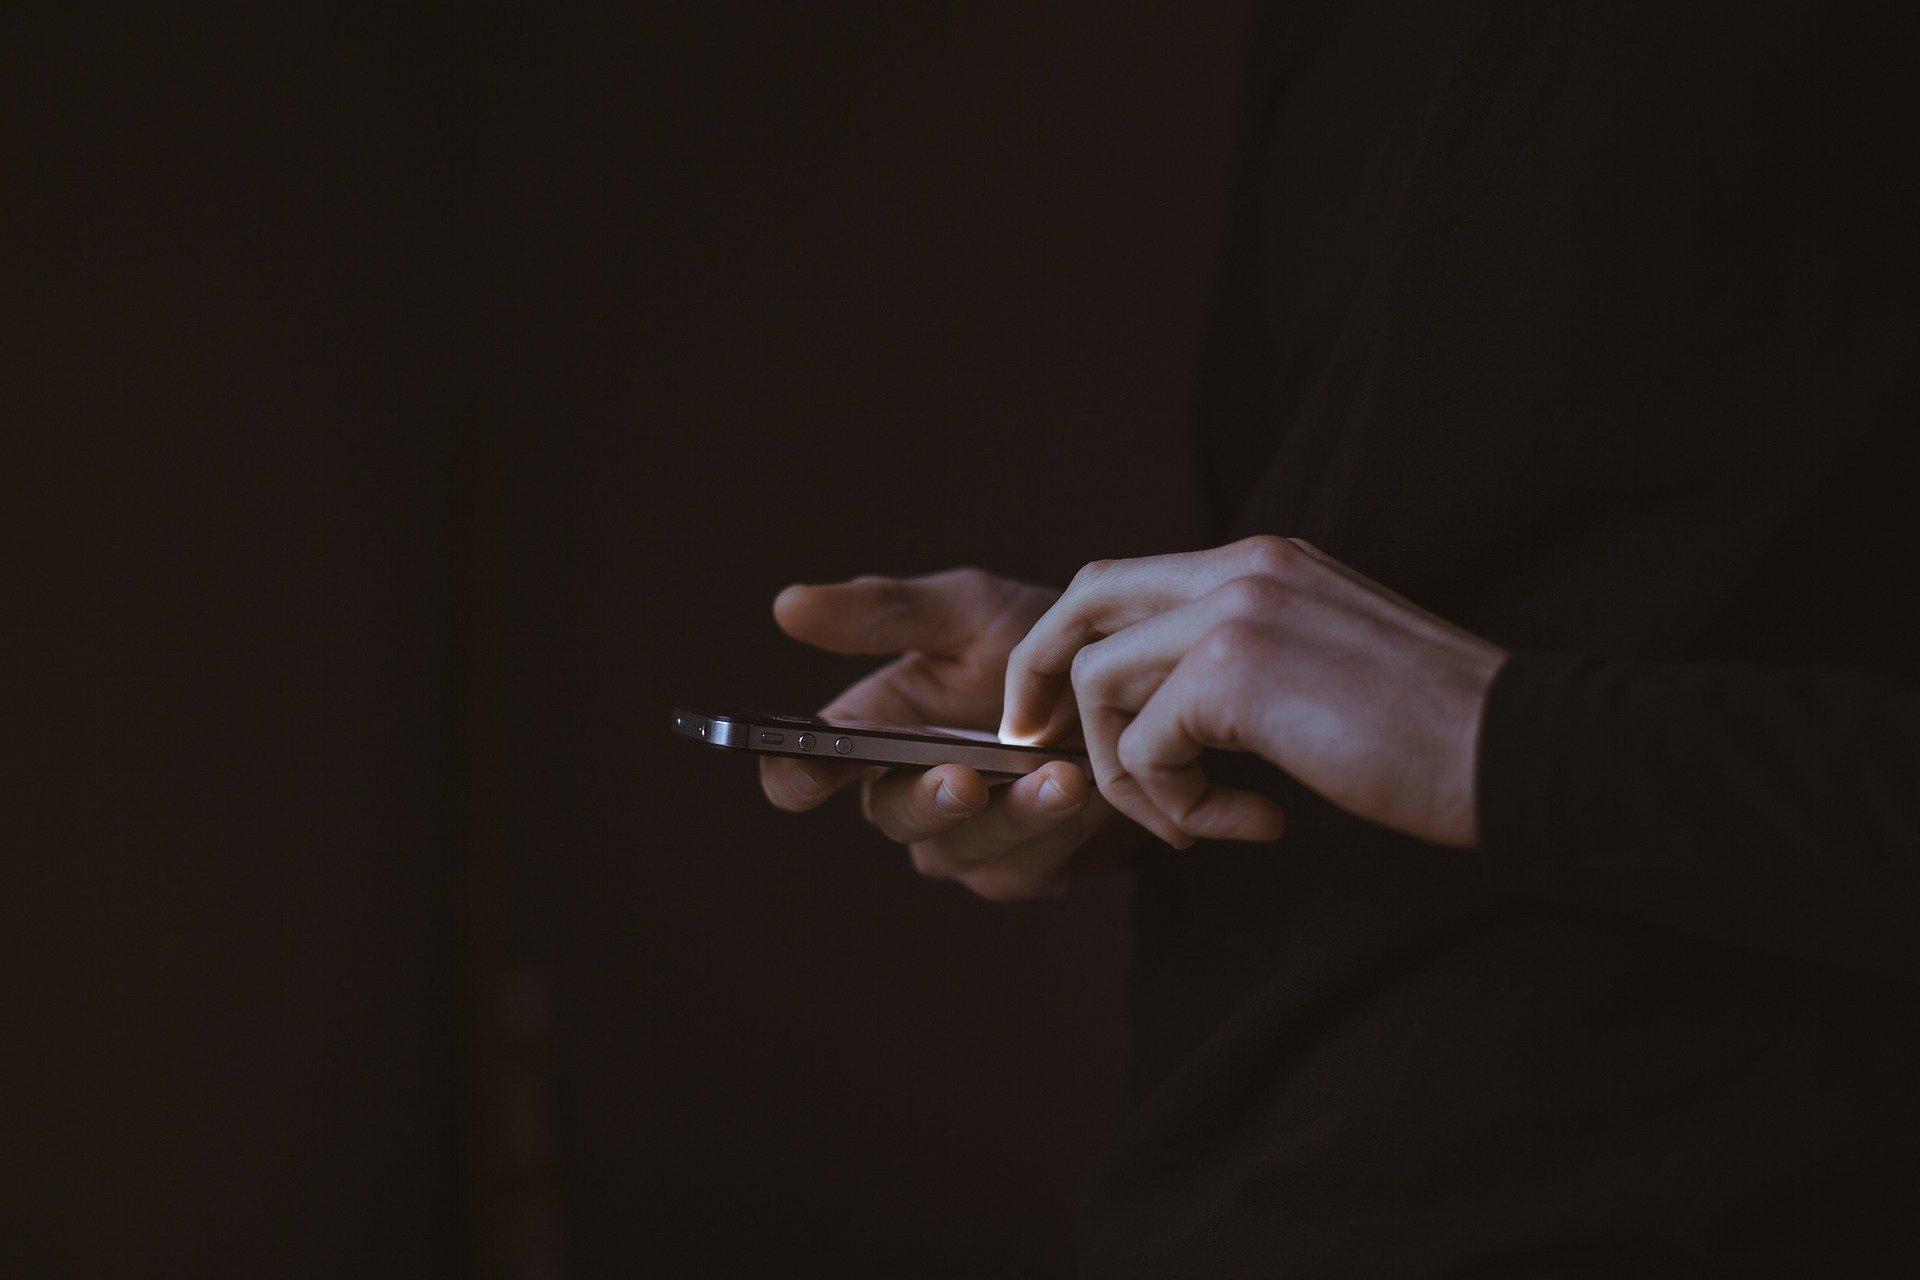 RCS: le remplaçant du SMS comporte de nombreuses failles de sécurité